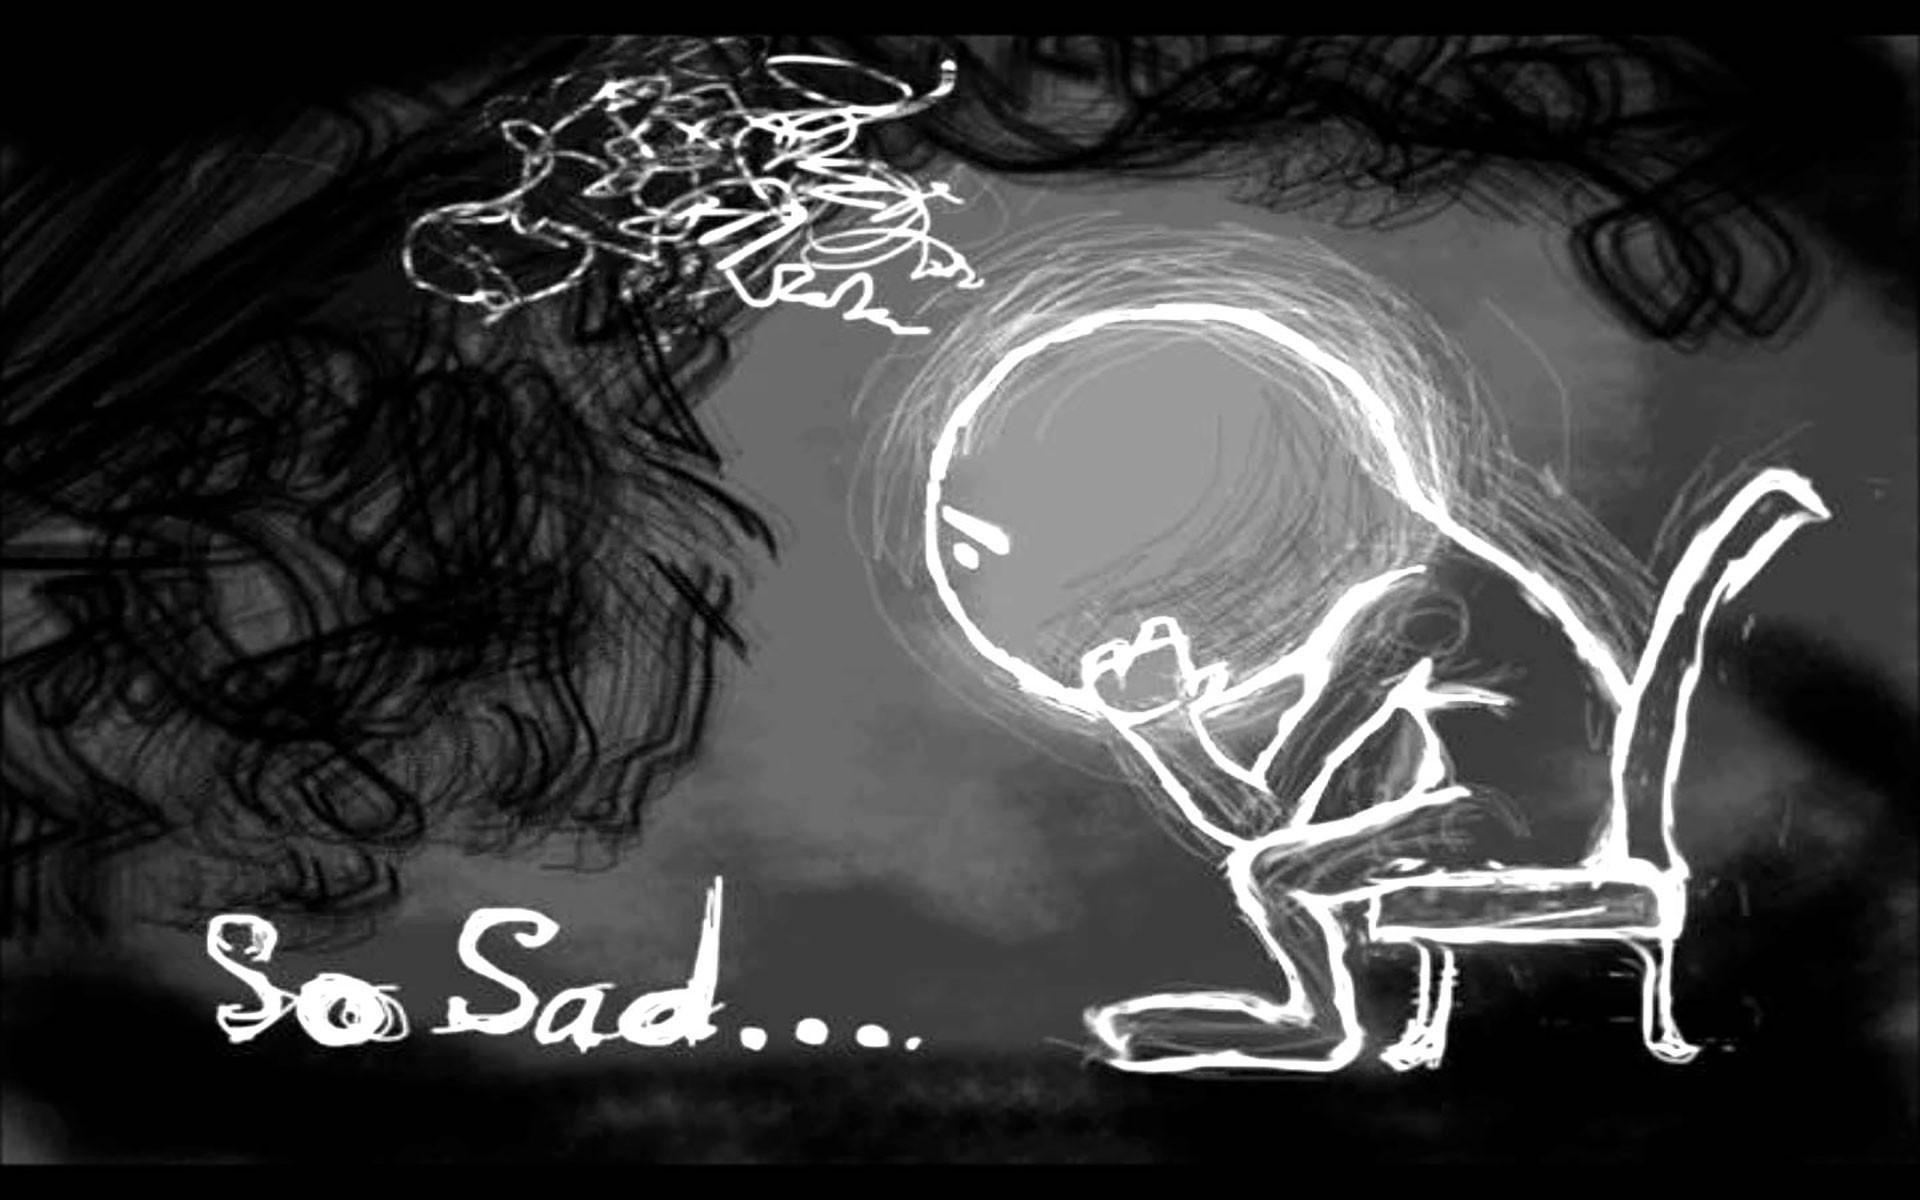 Sad Boy Wallpaper 2018 64 Images